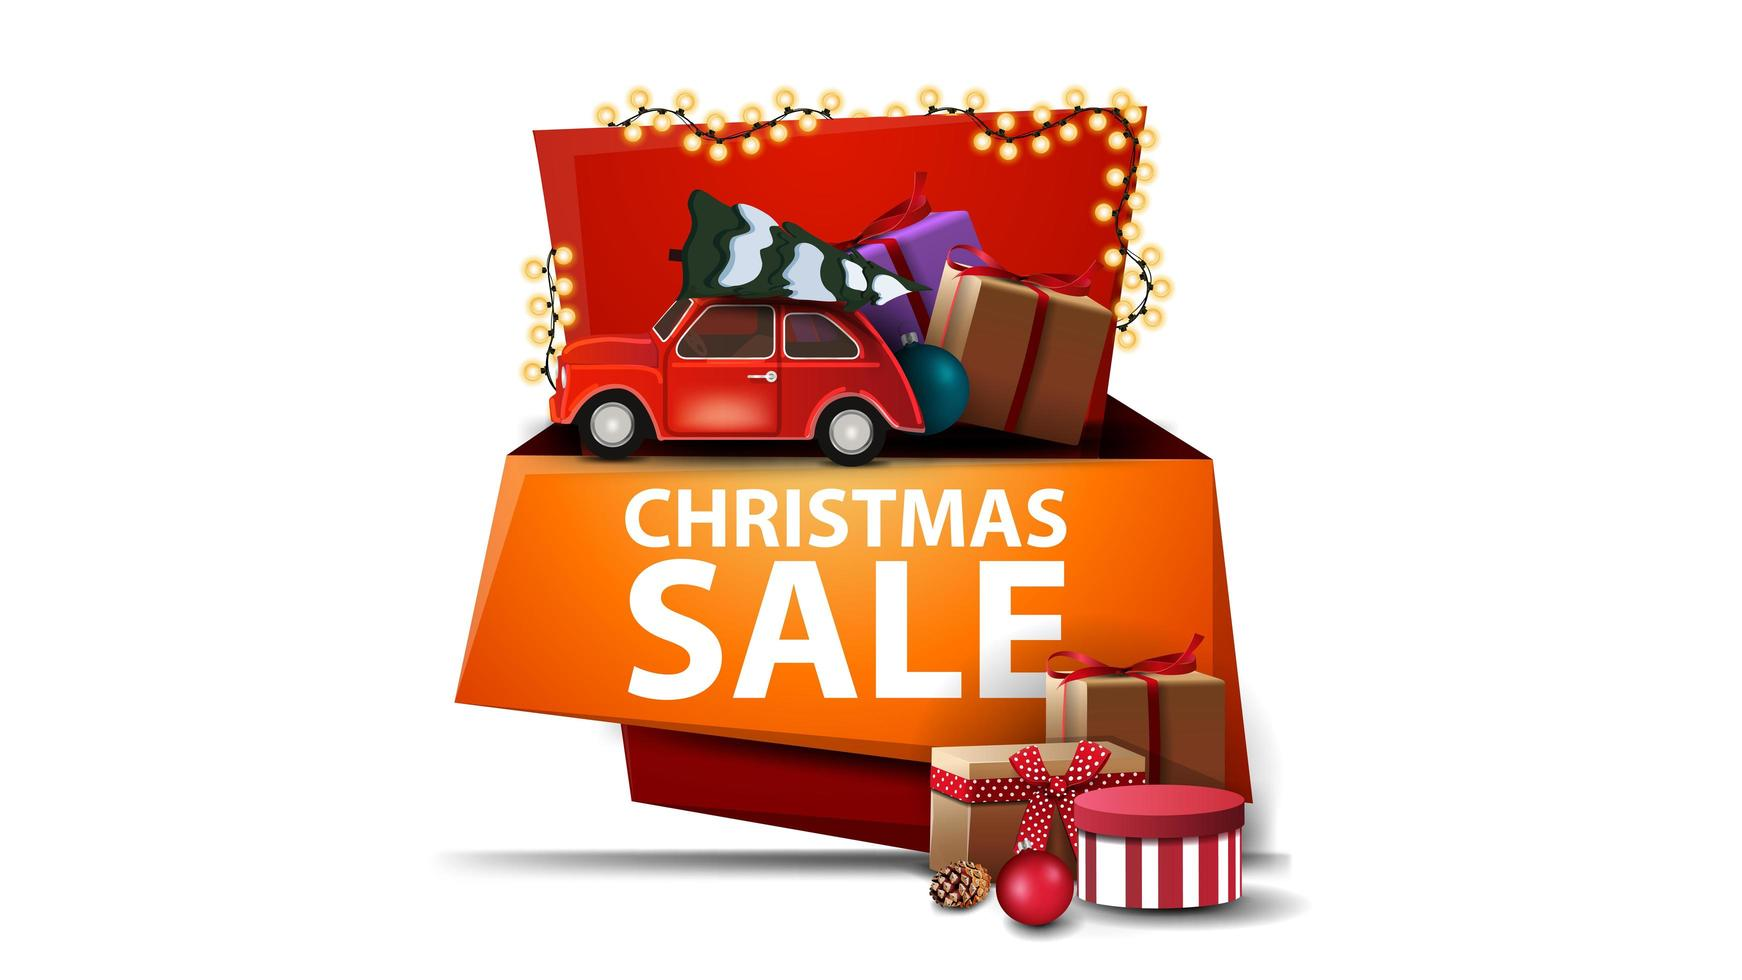 julförsäljning, isolerad tecknad banner med presenter och röd veteranbil som bär julgran vektor